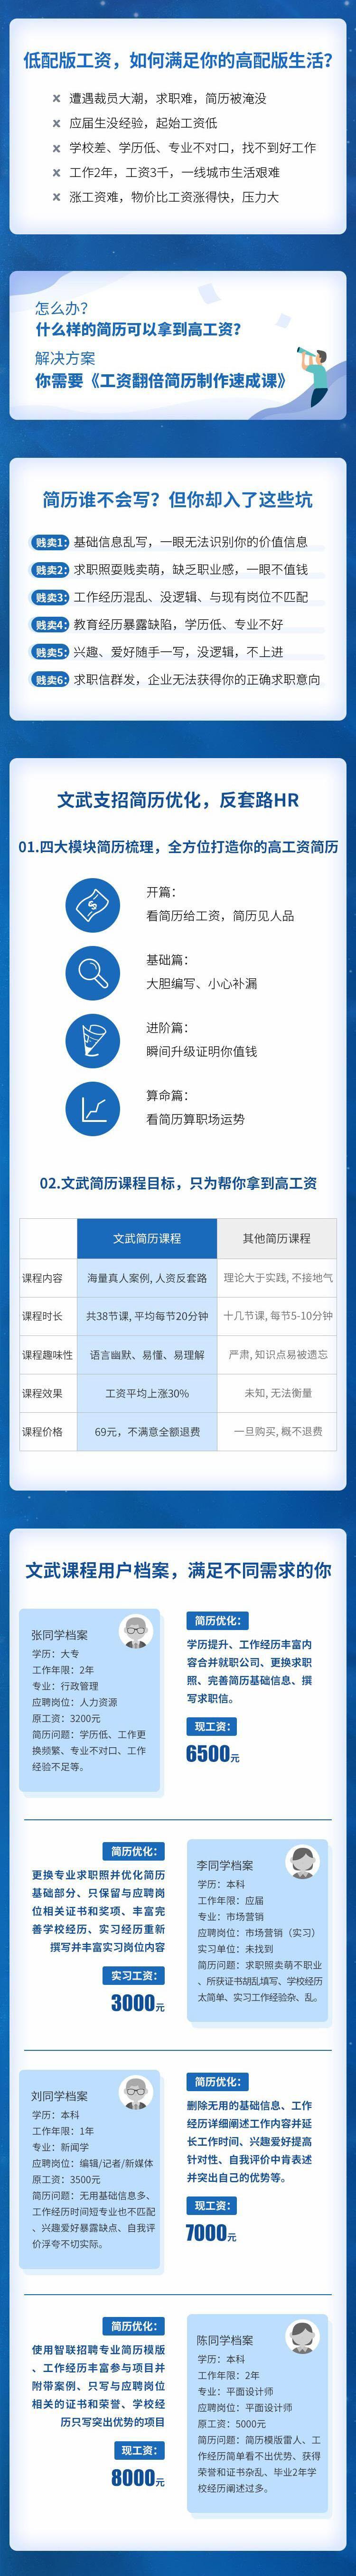 QQ图片20200318093448.jpg